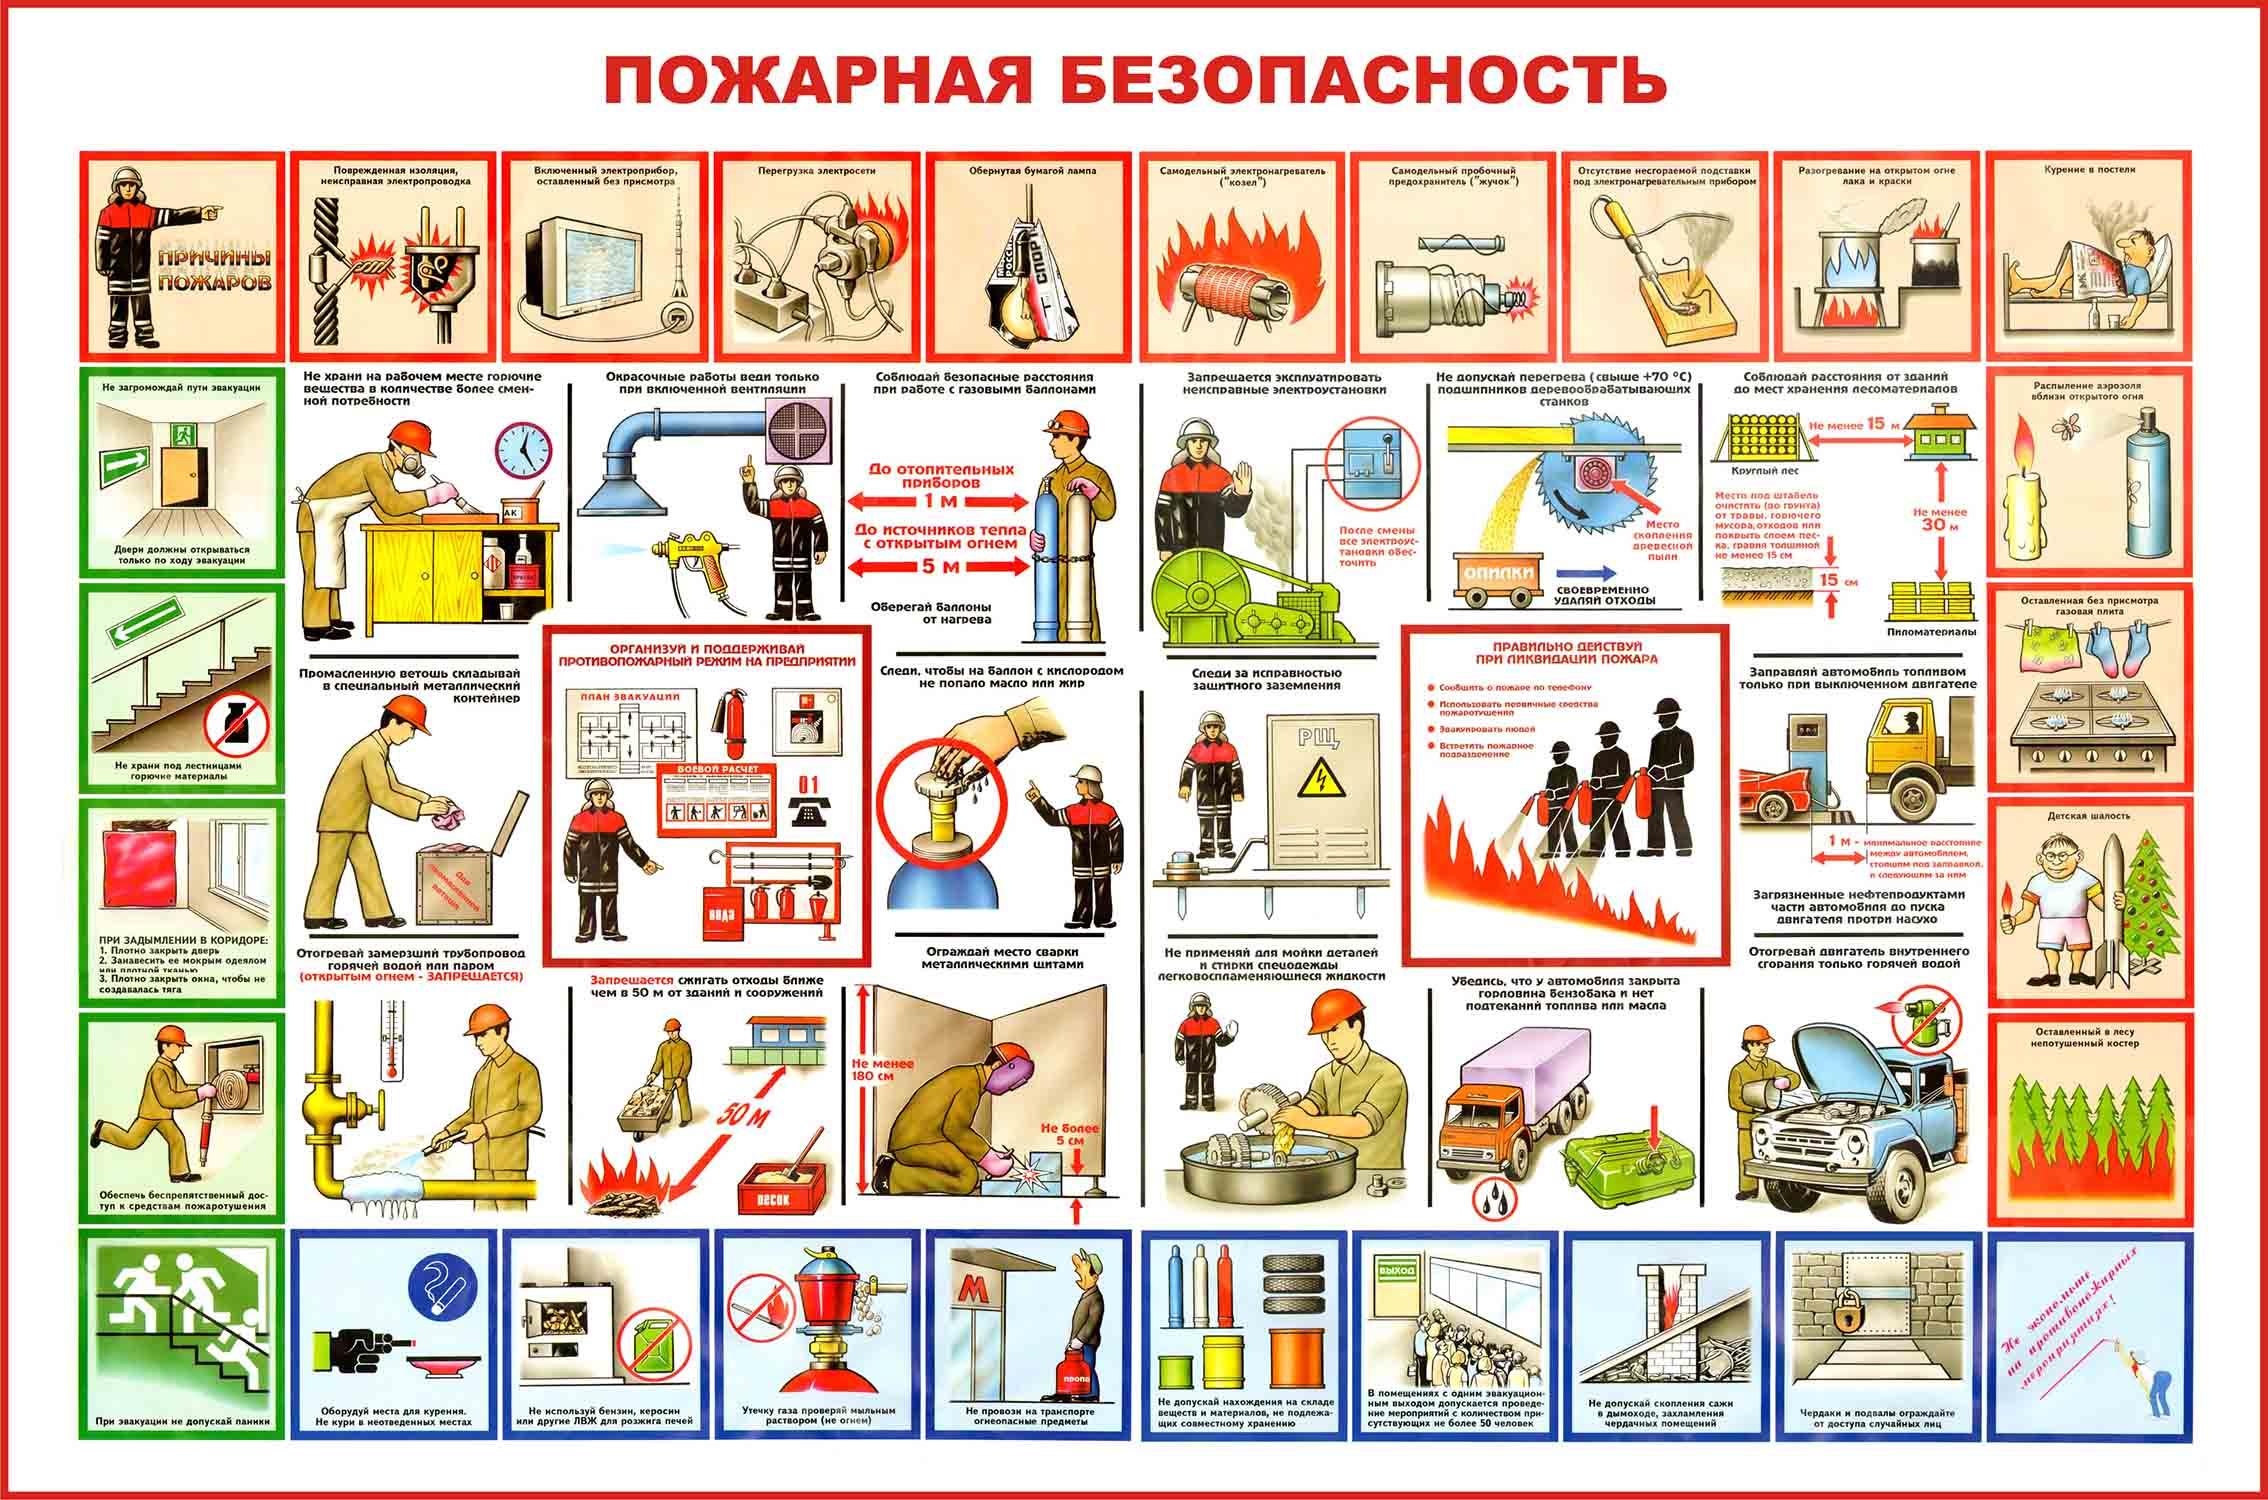 Пожарная безопасность_арпринт